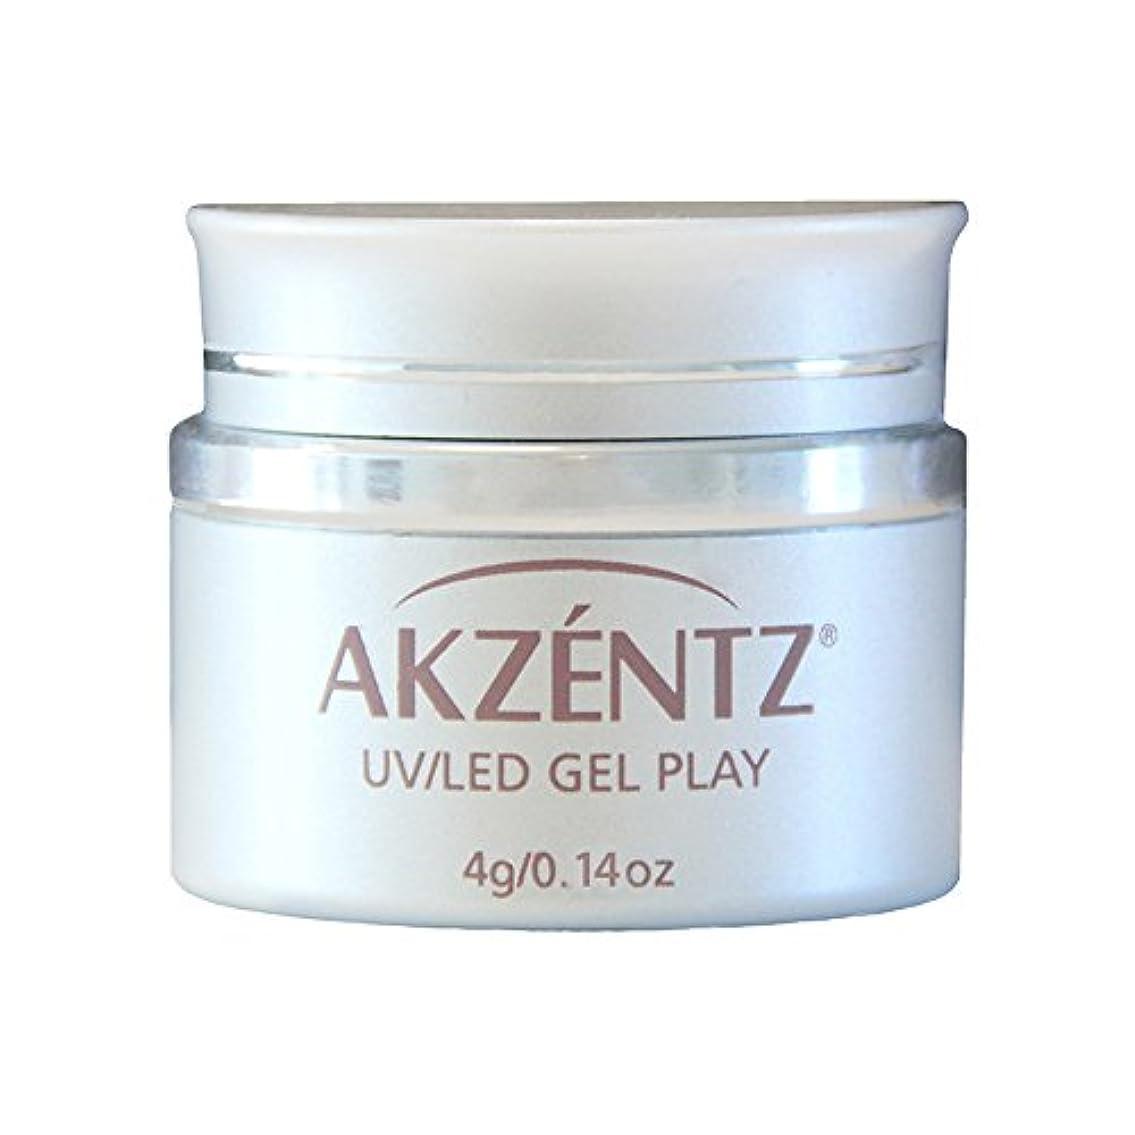 巡礼者乳製品不確実AKZENTZ カラージェル ジェルプレイ ペイントパープル 4g UV/LED対応